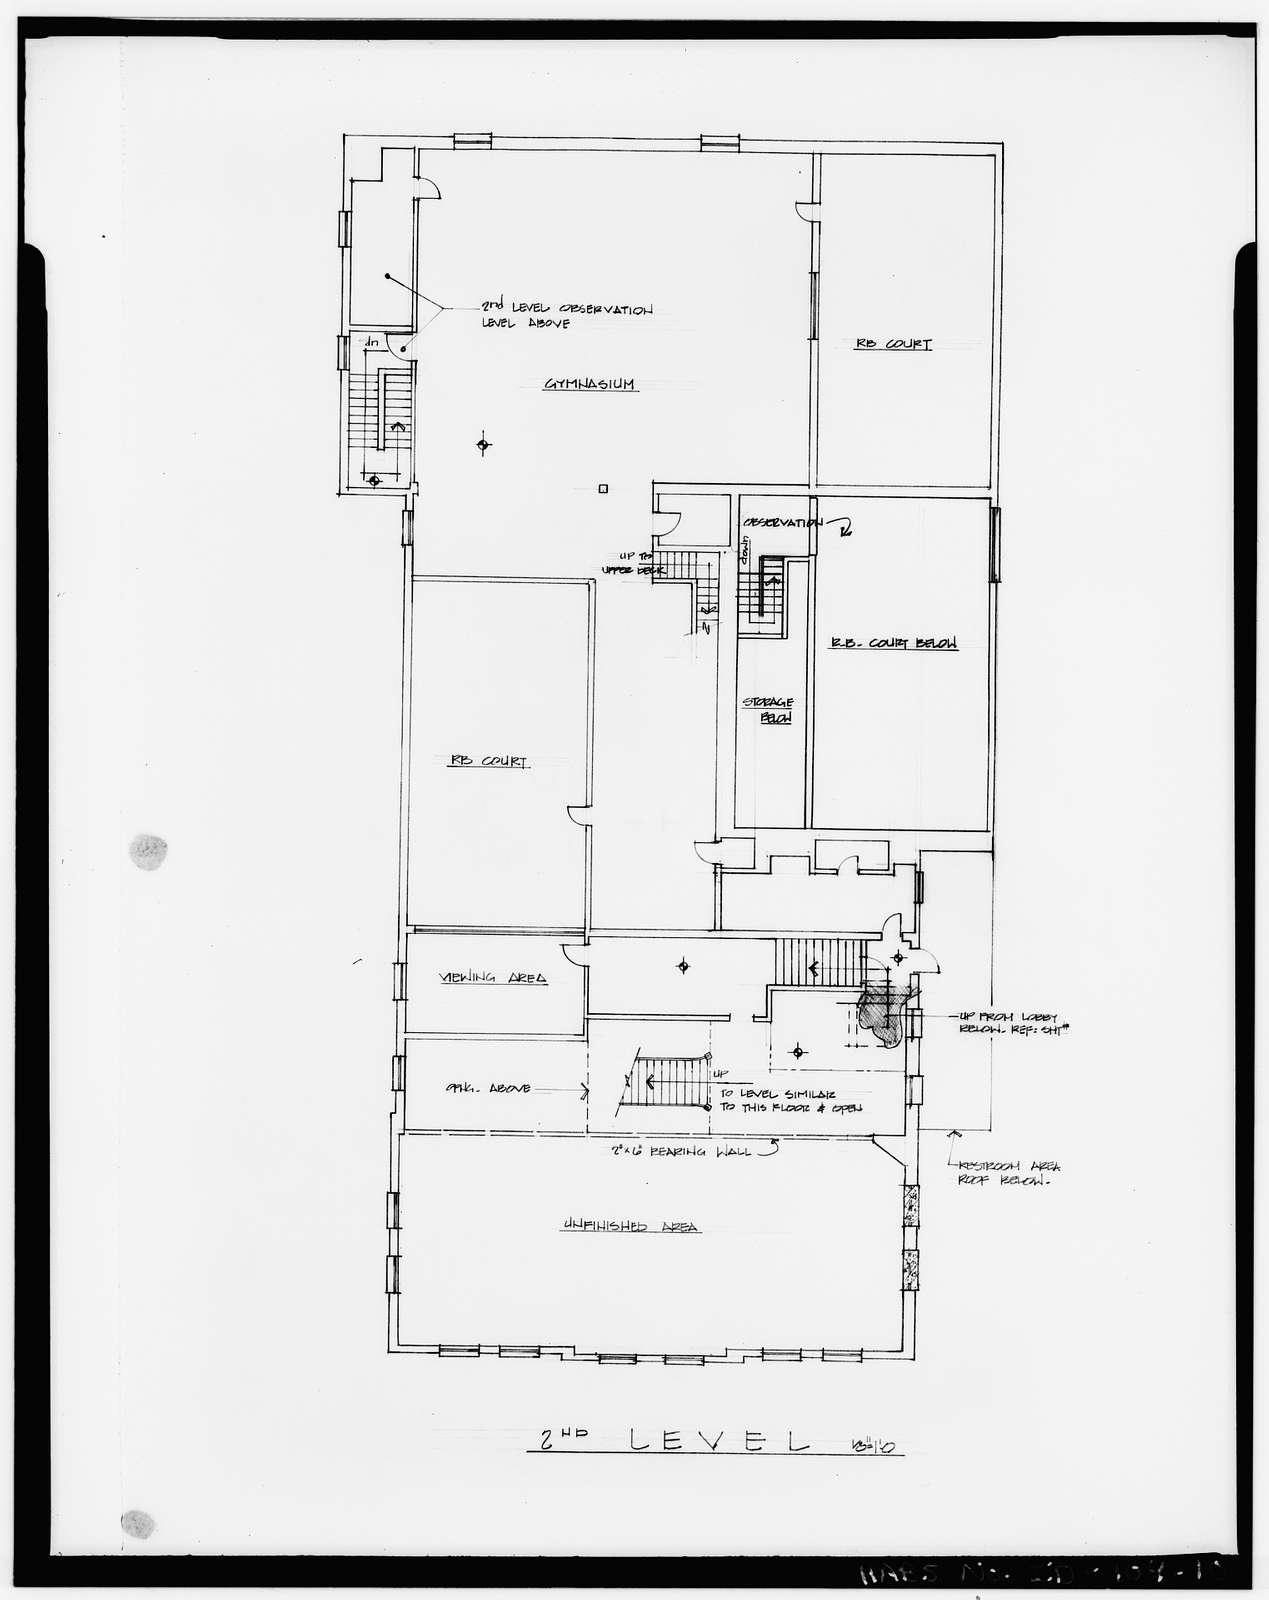 Pocatello Railroad YMCA Building, North Arthur Avenue Vicinity, Pocatello, Bannock County, ID